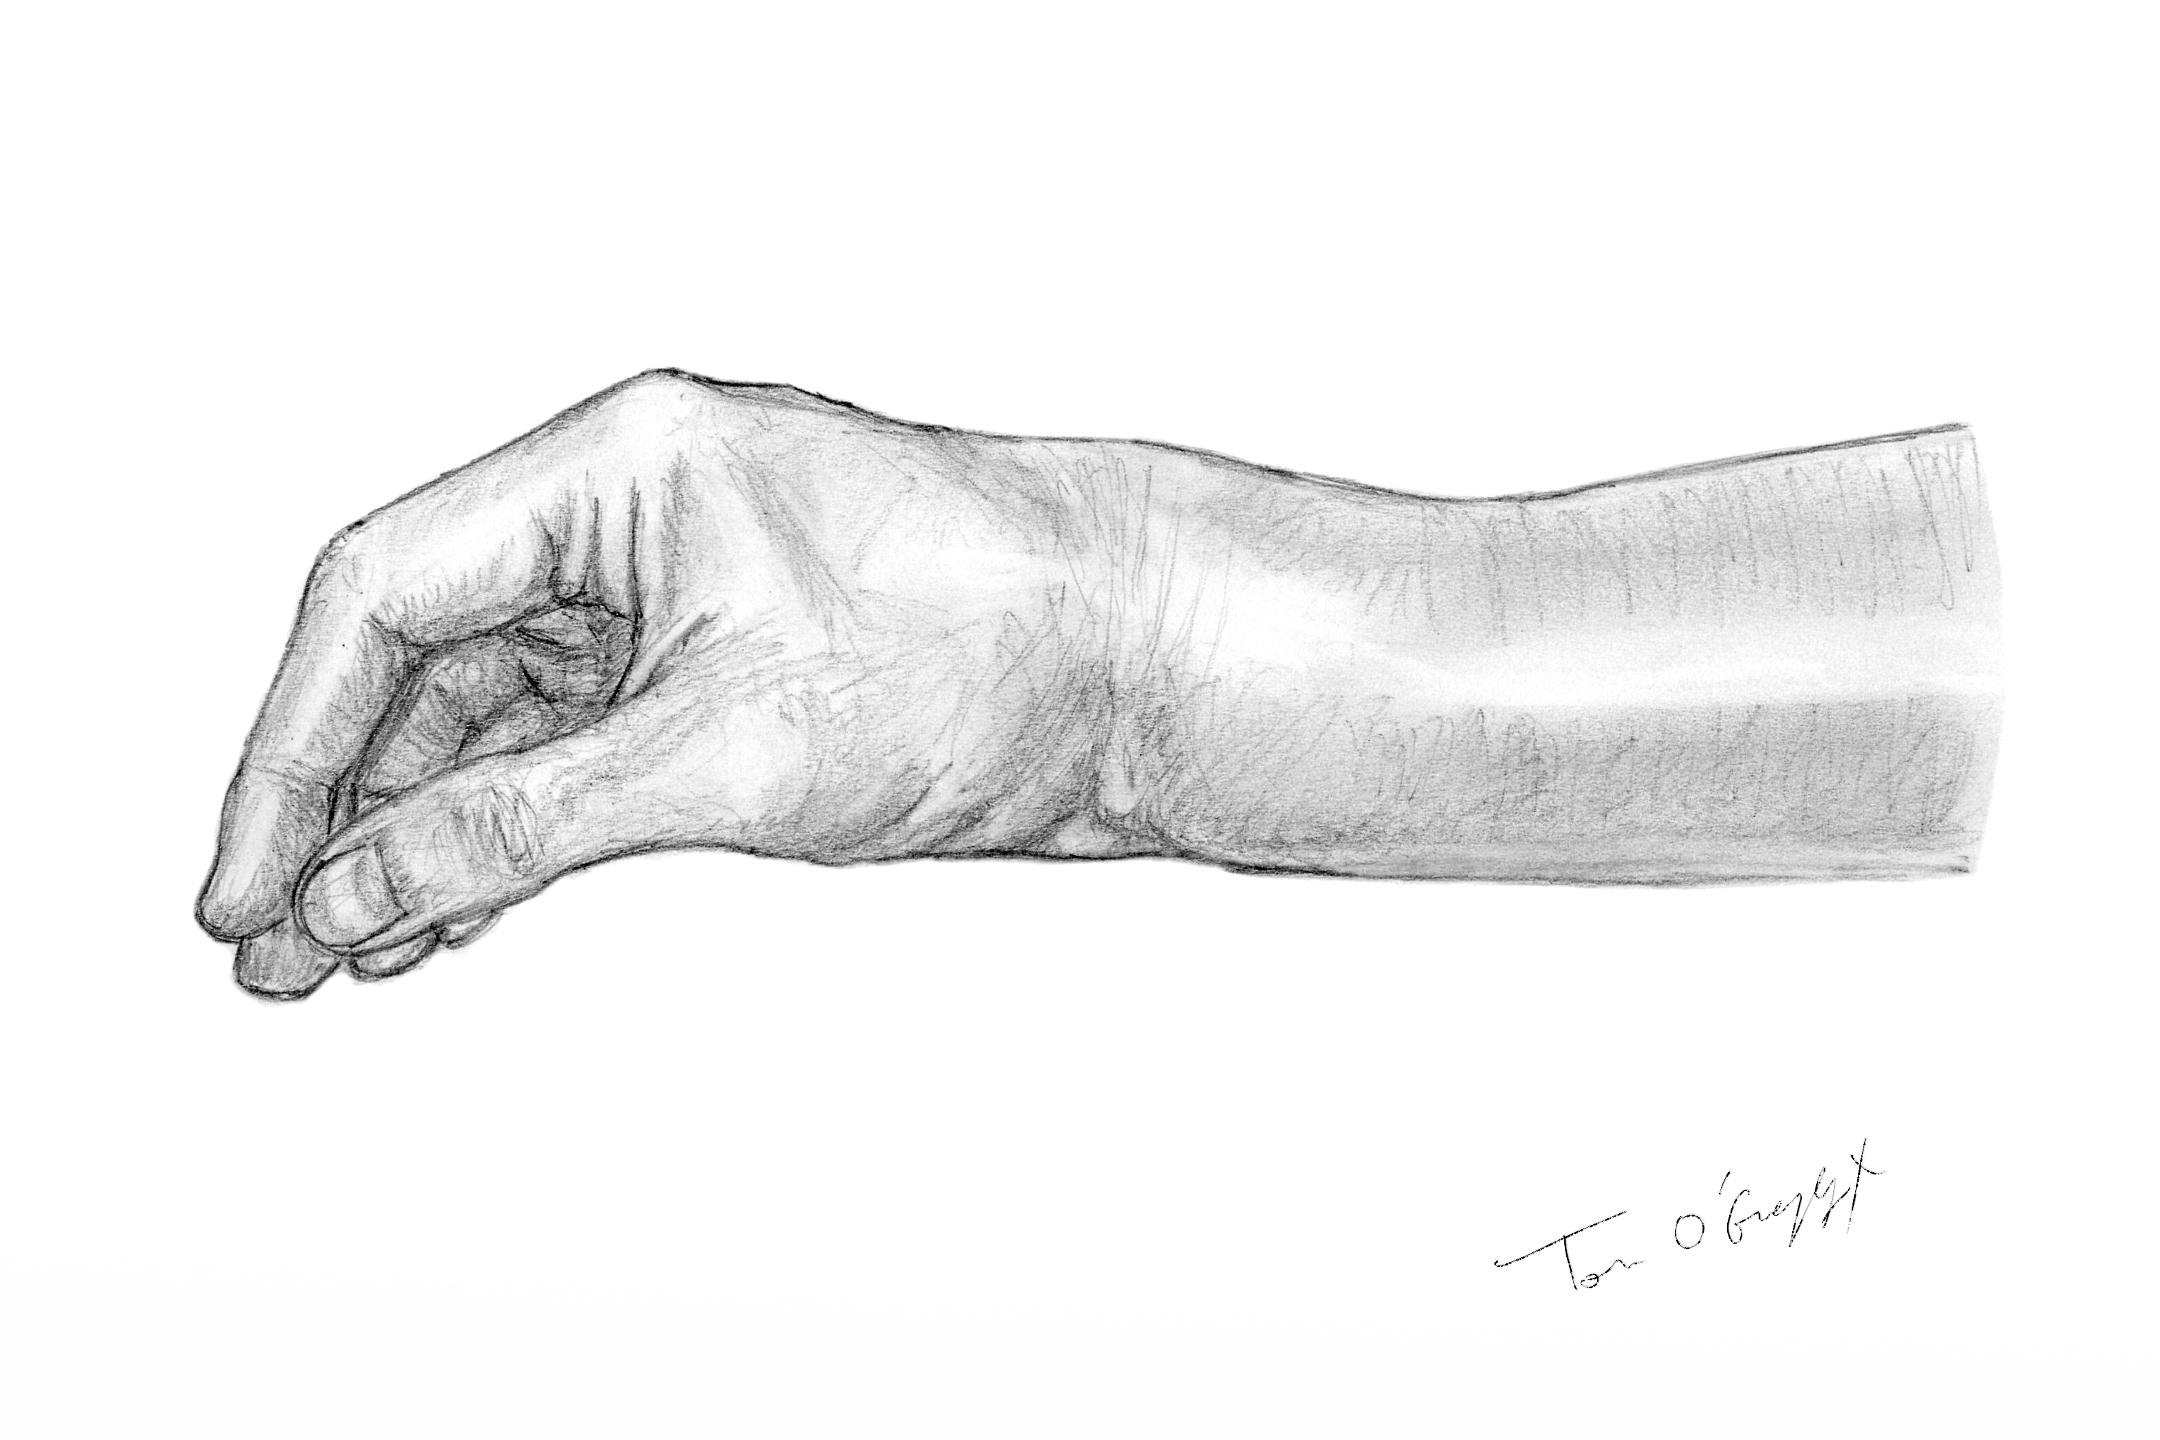 personnalisé arrive réflexions sur Fracture de Pouteau Colles | thoracotomie